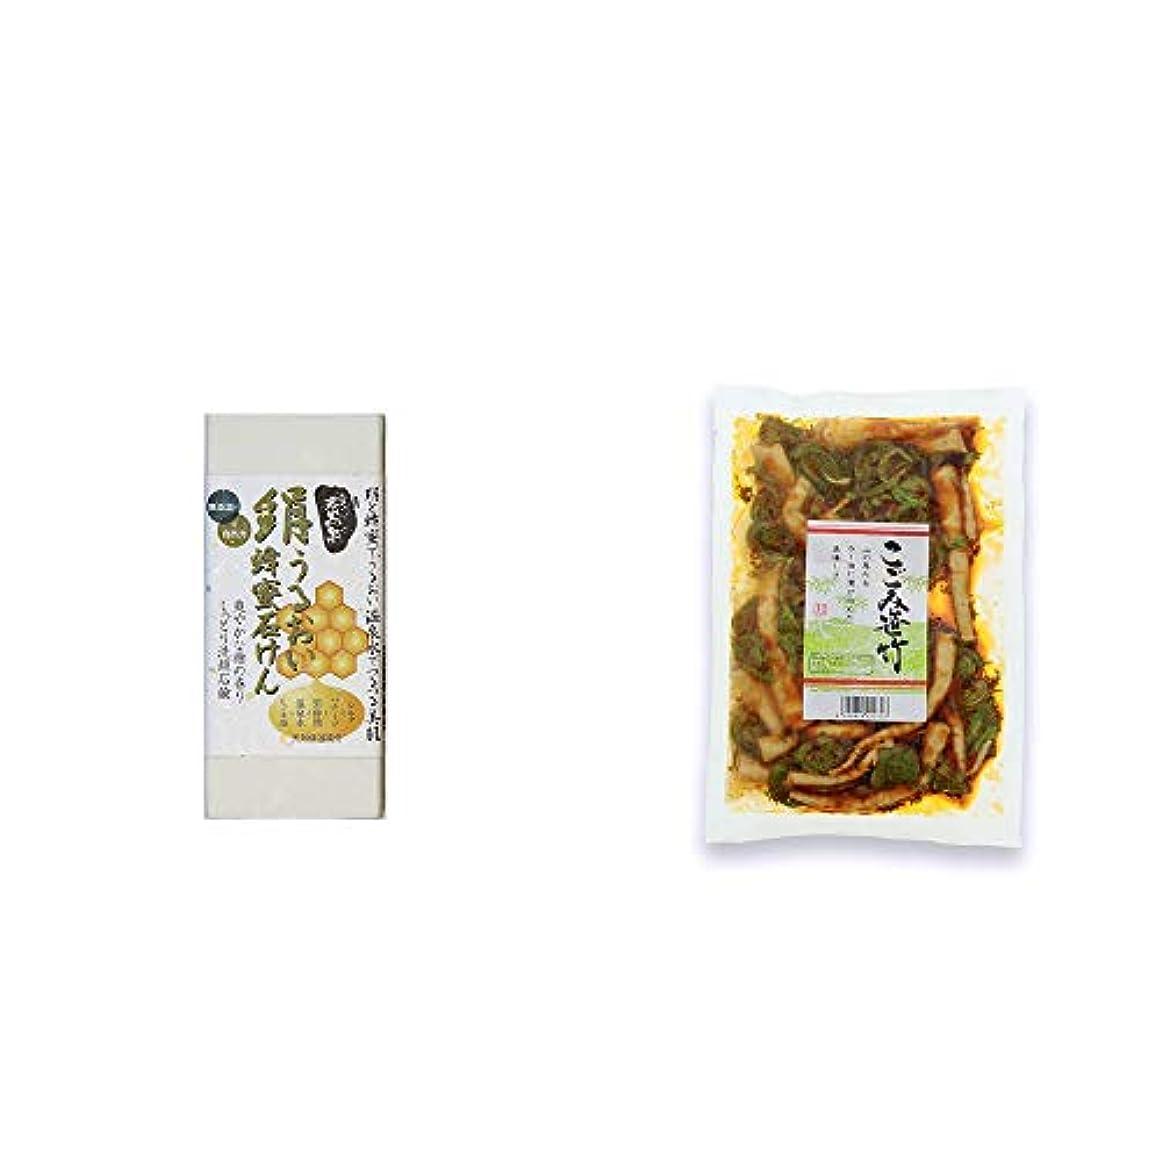 害虫飛び込む不承認[2点セット] ひのき炭黒泉 絹うるおい蜂蜜石けん(75g×2)?こごみ笹竹(250g)